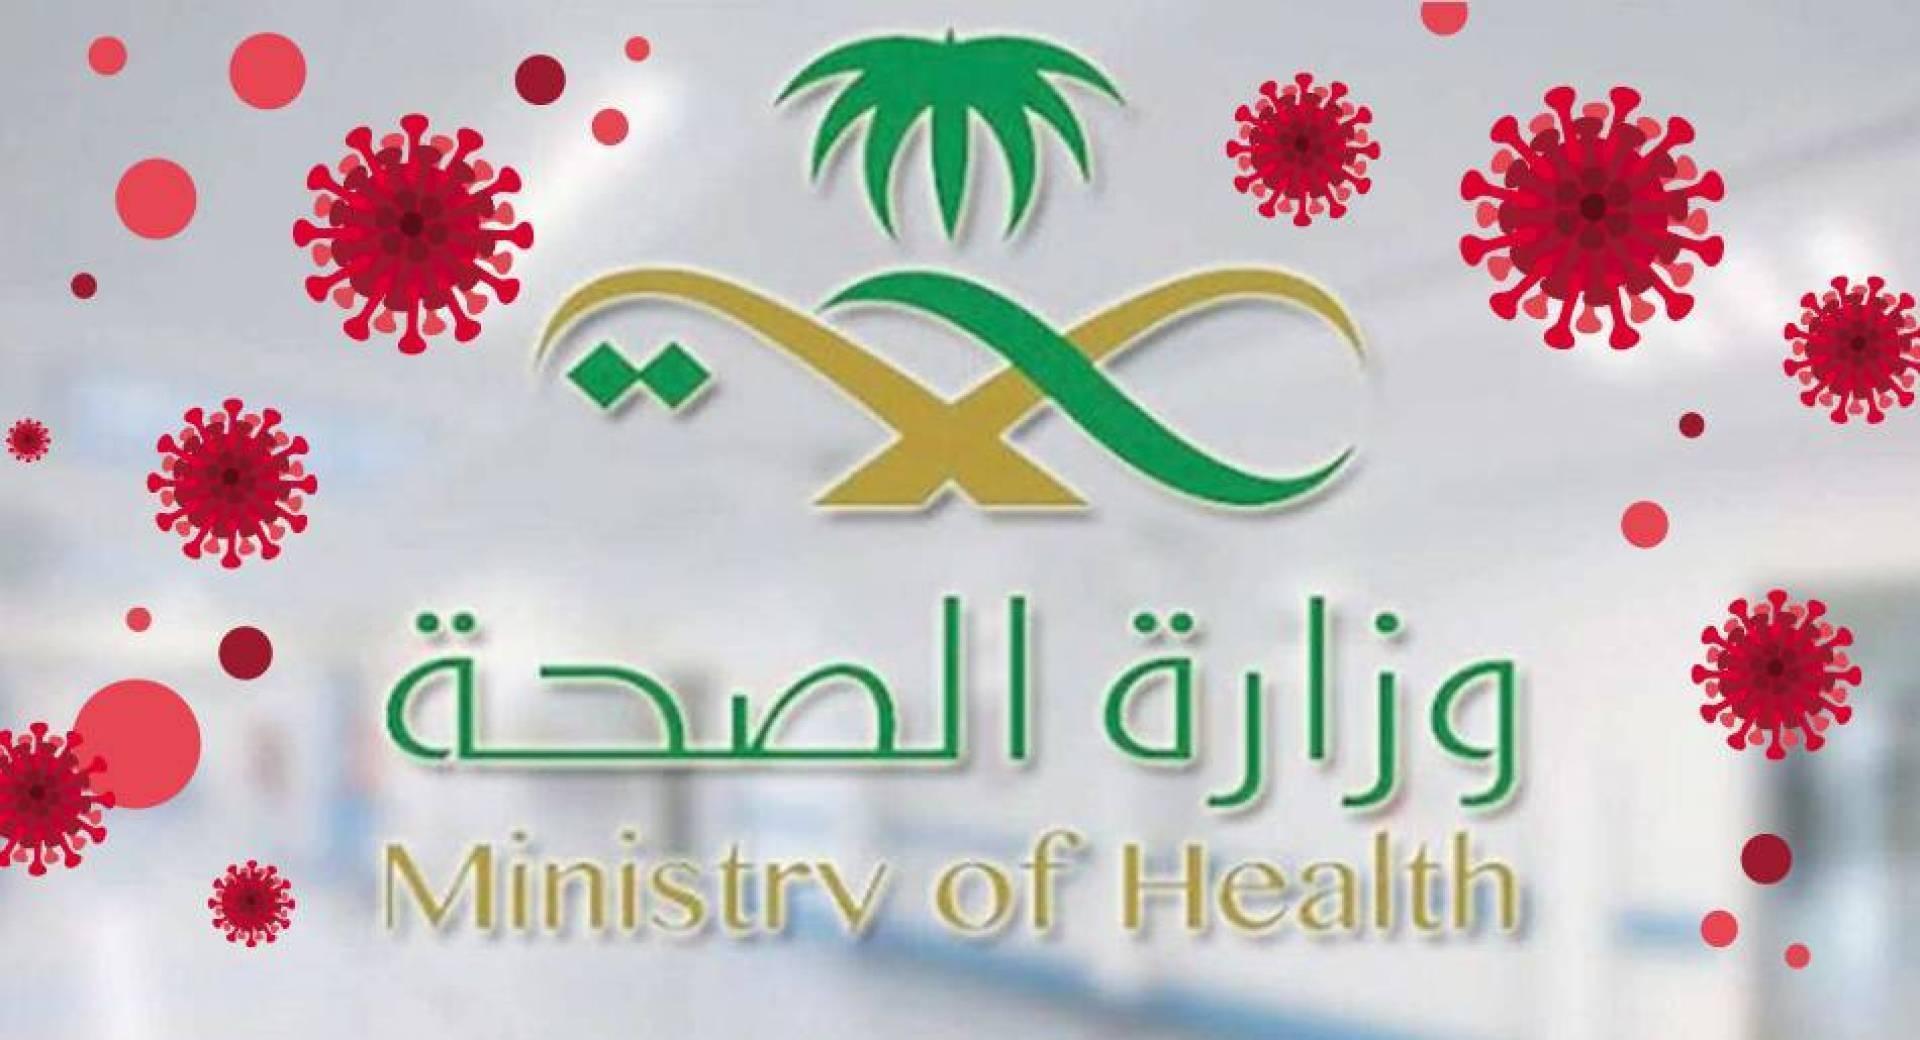 وزارة الصحة السعودية تُعلن عن 82 إصابة جديدة ليرتفع الإجمالي إلى 2605 حالة